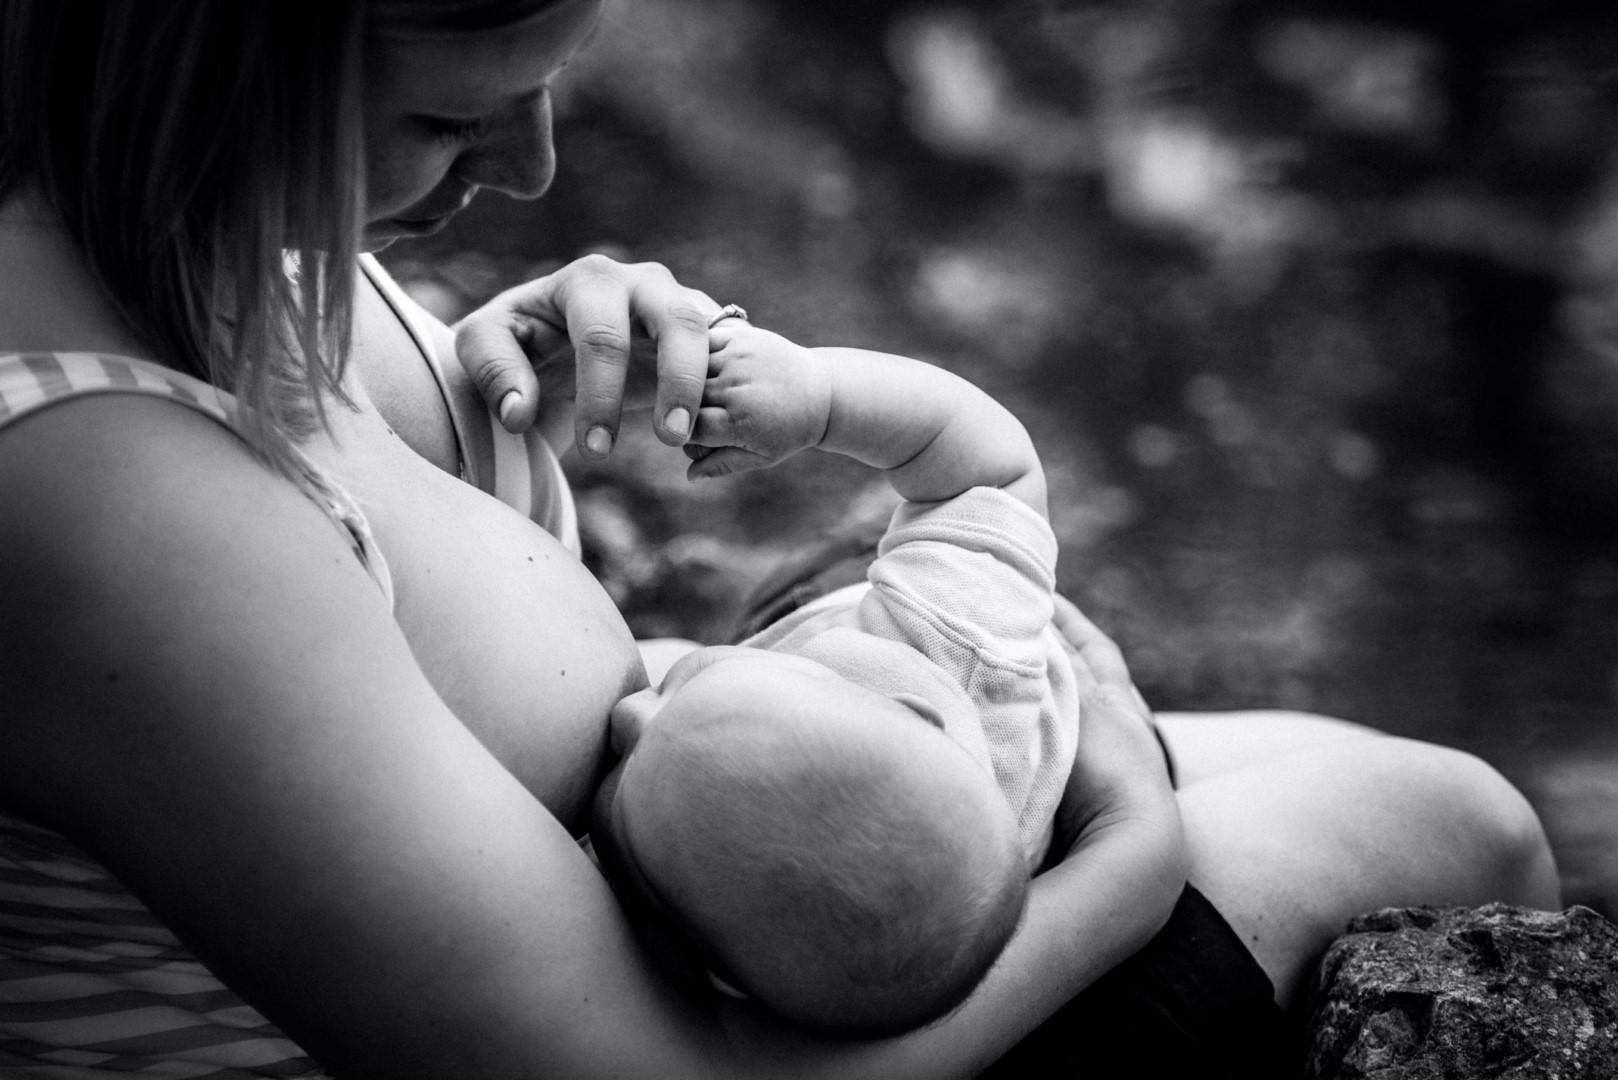 Фото голых мам как они кормят грудью, Фотоотчёт мамы кормят грудью фото ком 4 фотография